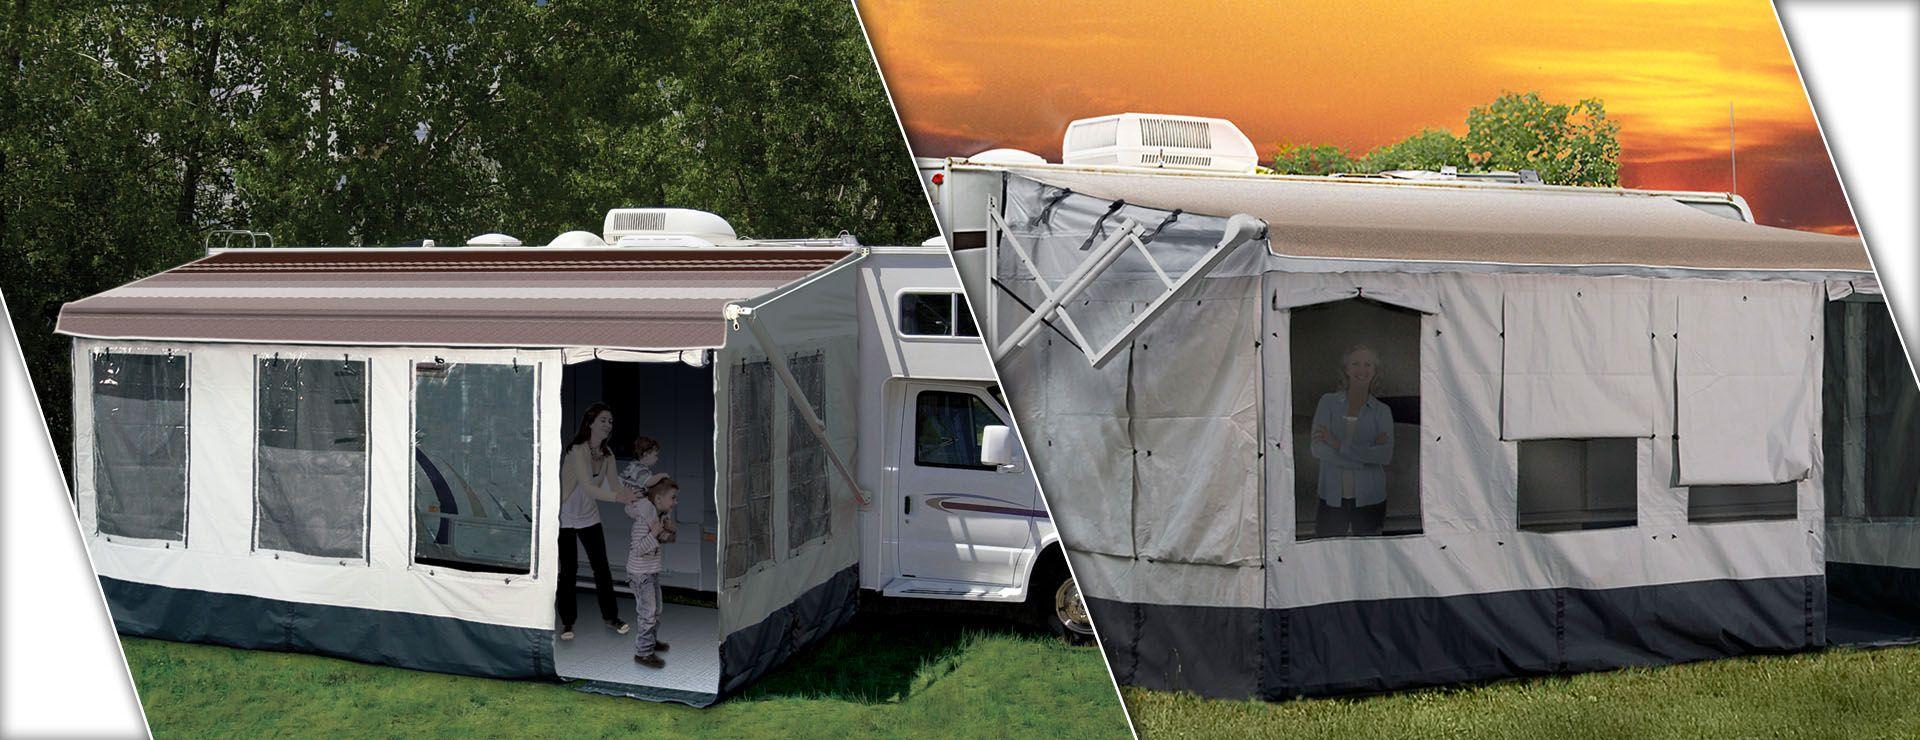 Wonderful RV Awnings, Patio Awnings U0026 More   Carefree Of Colorado